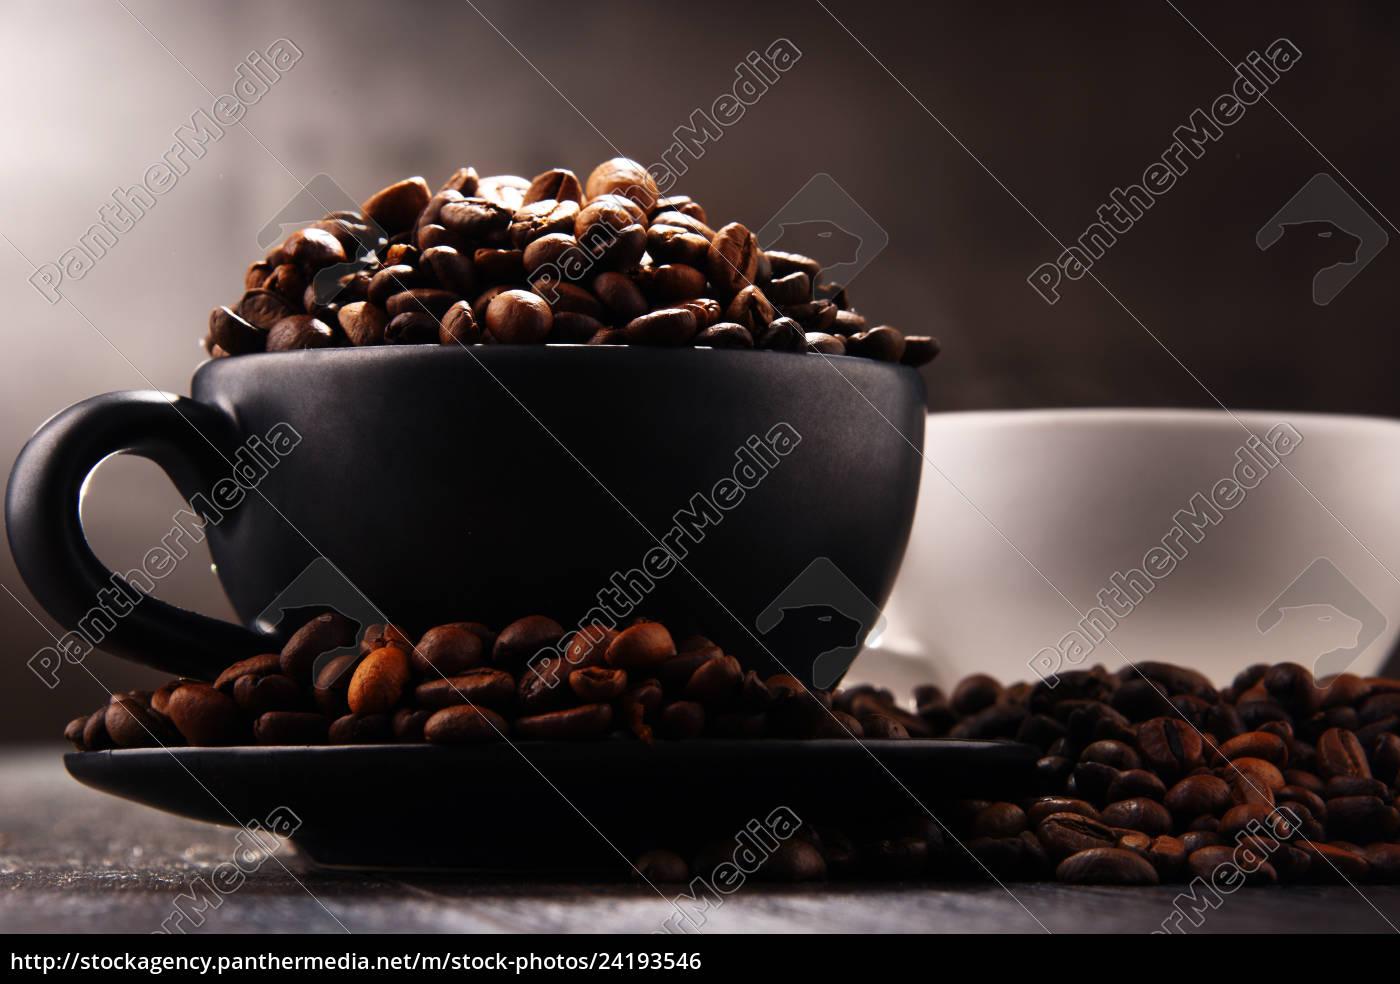 zusammensetzung, mit, zwei, tassen, kaffee, und - 24193546